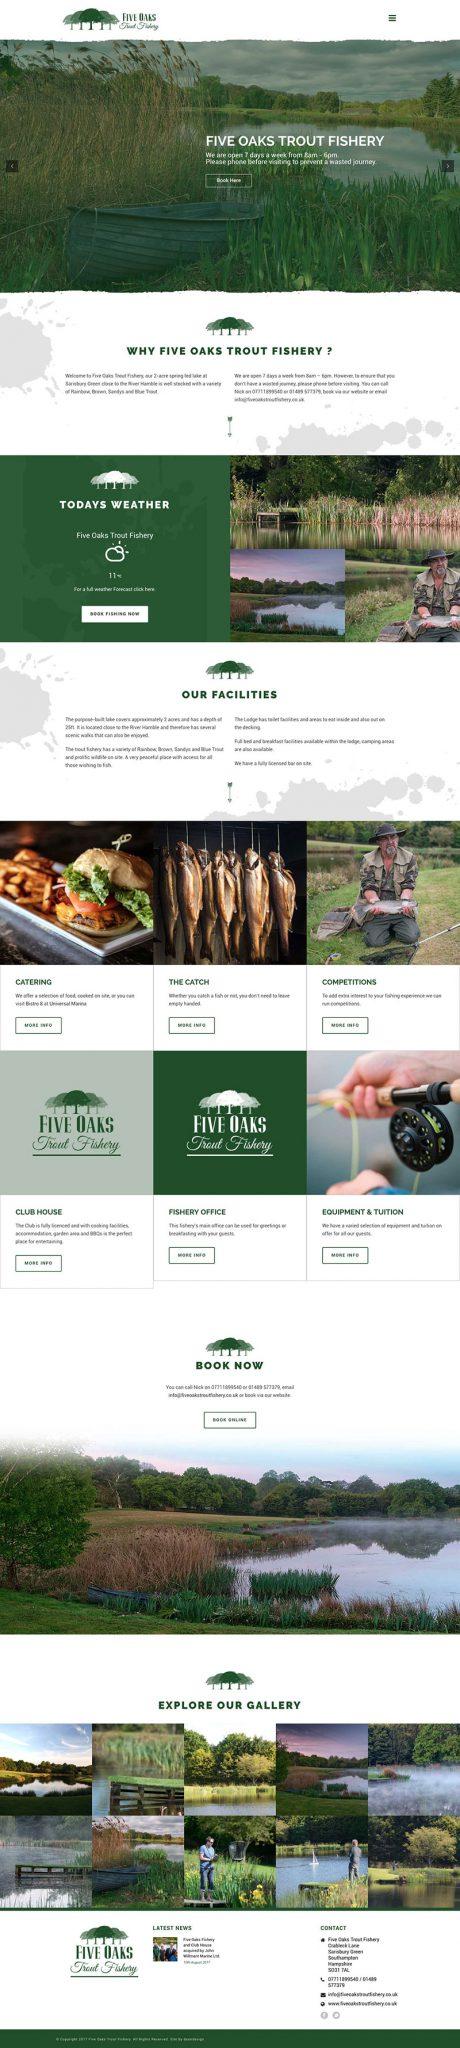 website-design-full-Five-Oaks-Trout-Fishery